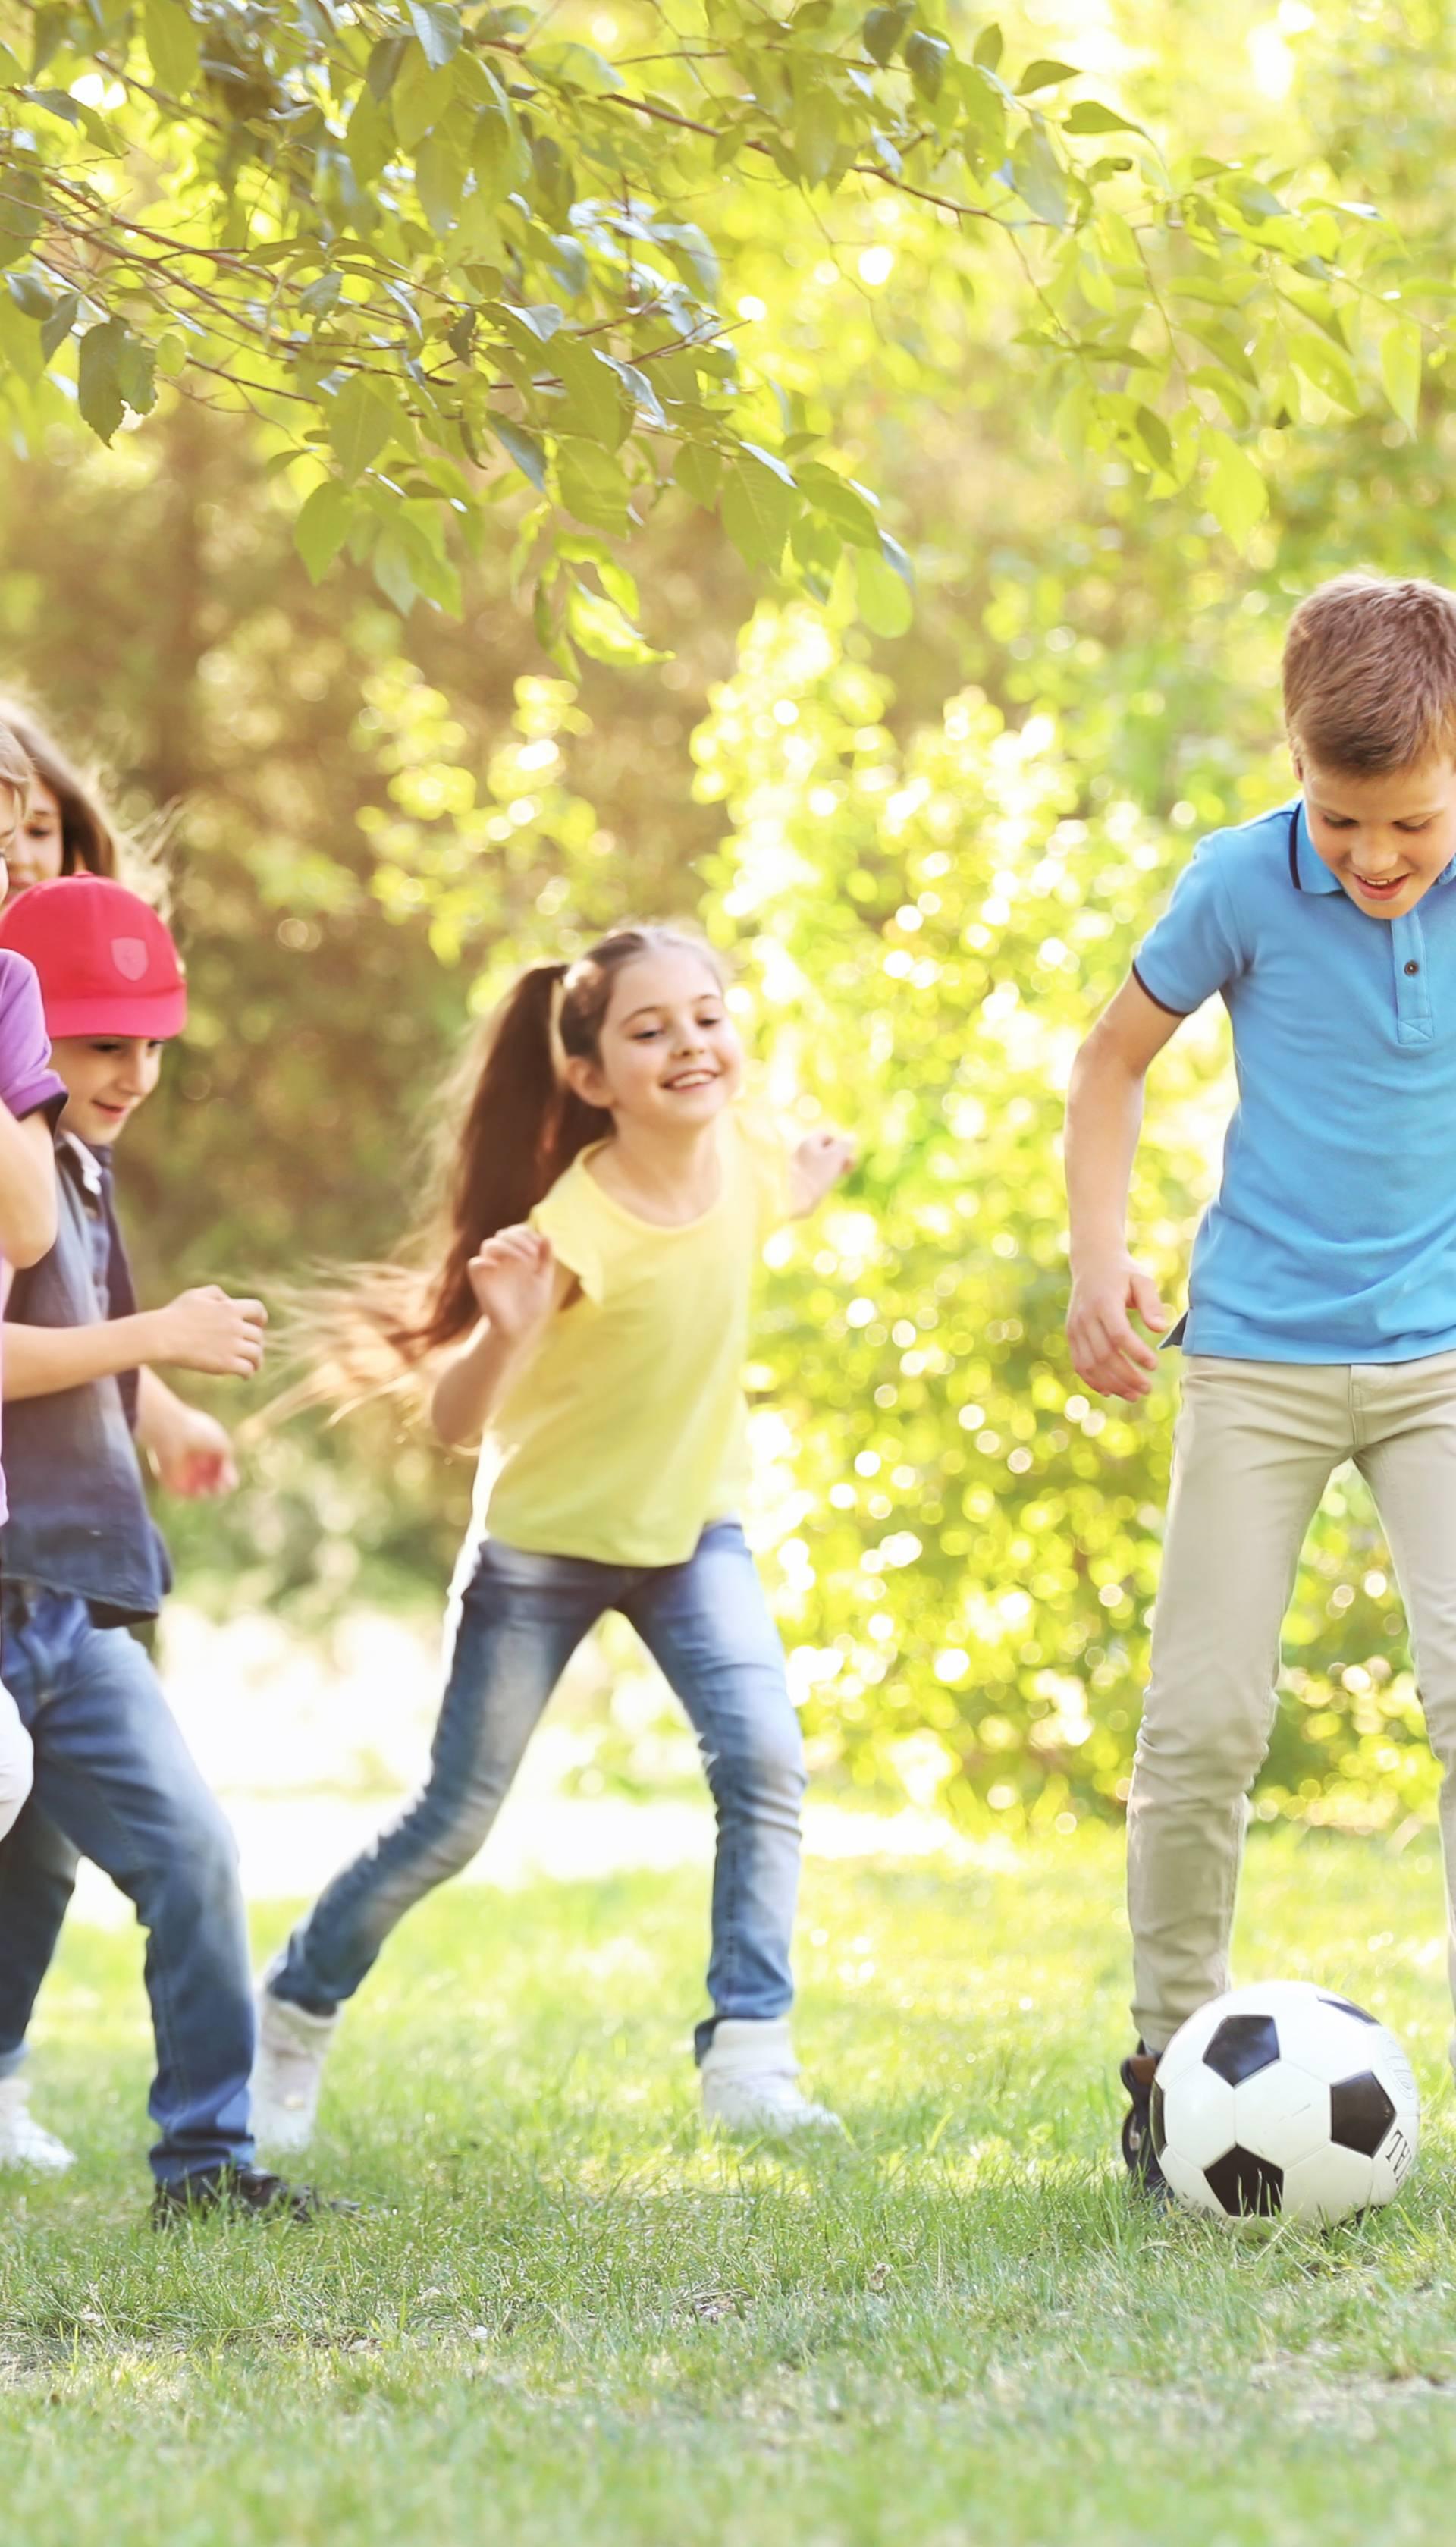 Djeci je odmor jednako važan kao i izvanškolske aktivnosti